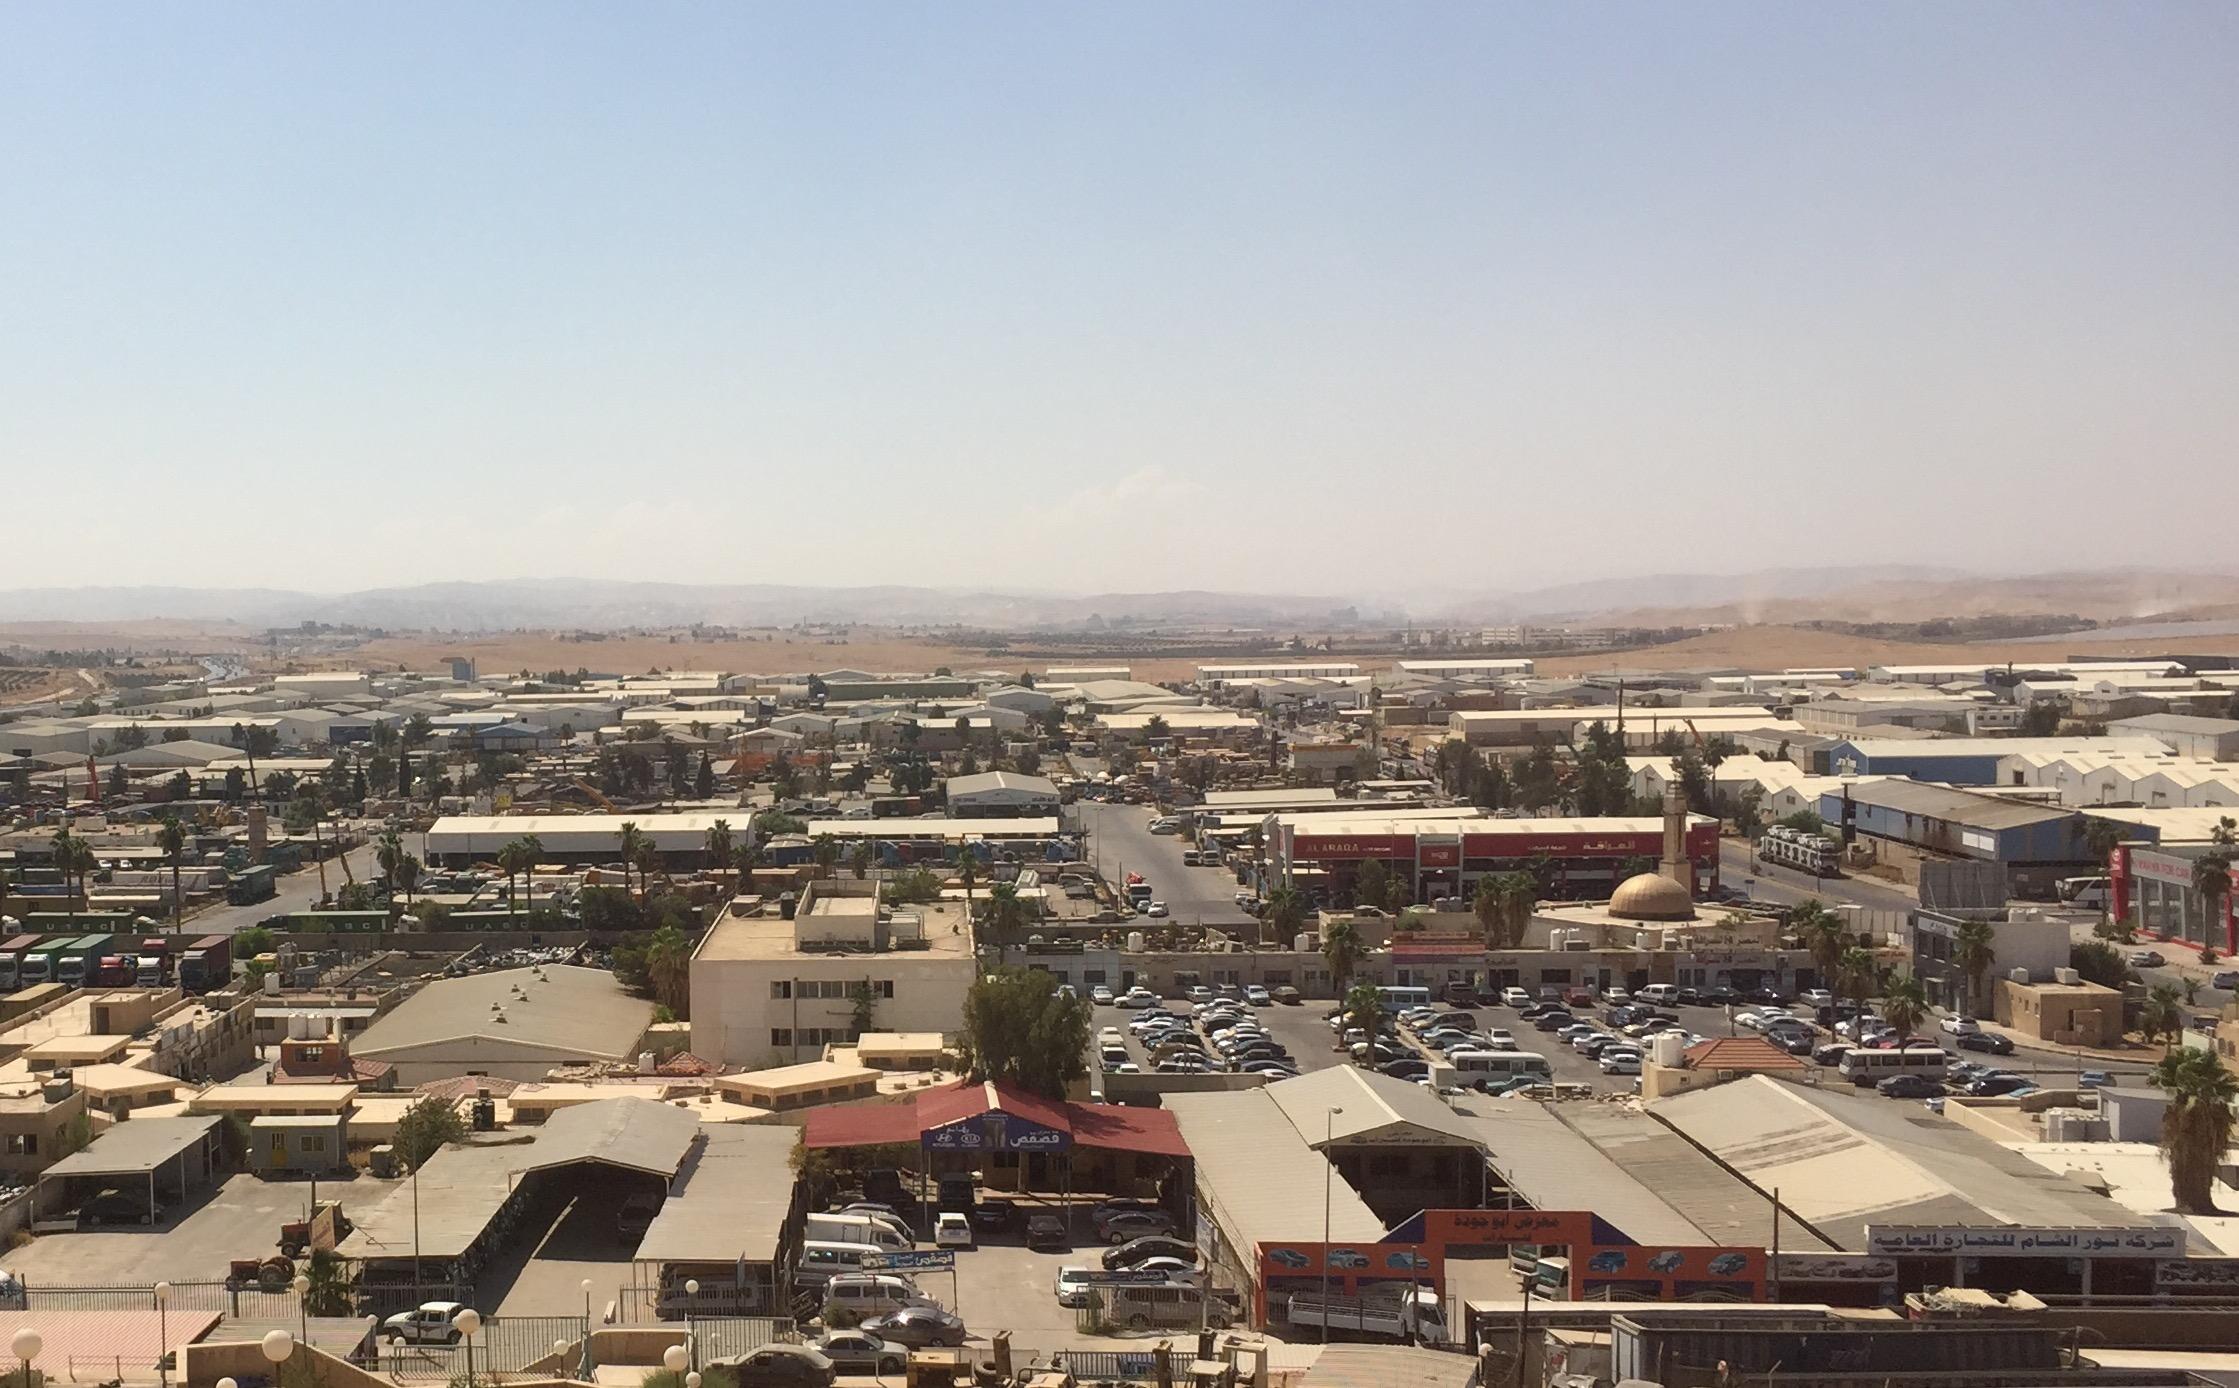 الكشف عن مشروع المنطقة الأردنية الحرة في جيبوتي